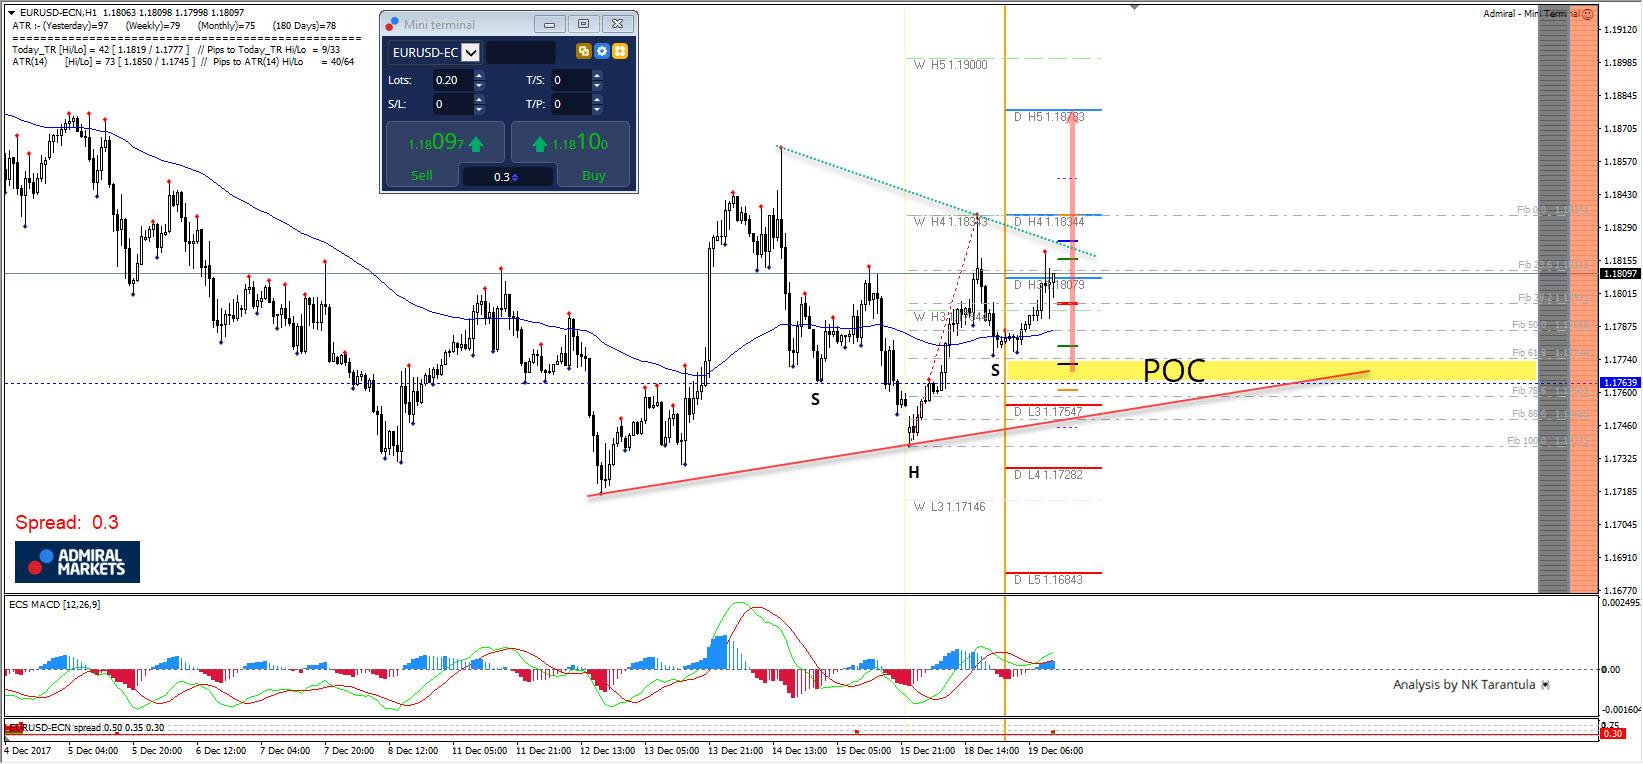 EUR/USD Bullish SHS Pattern Close to D L3 Camarilla Pivot